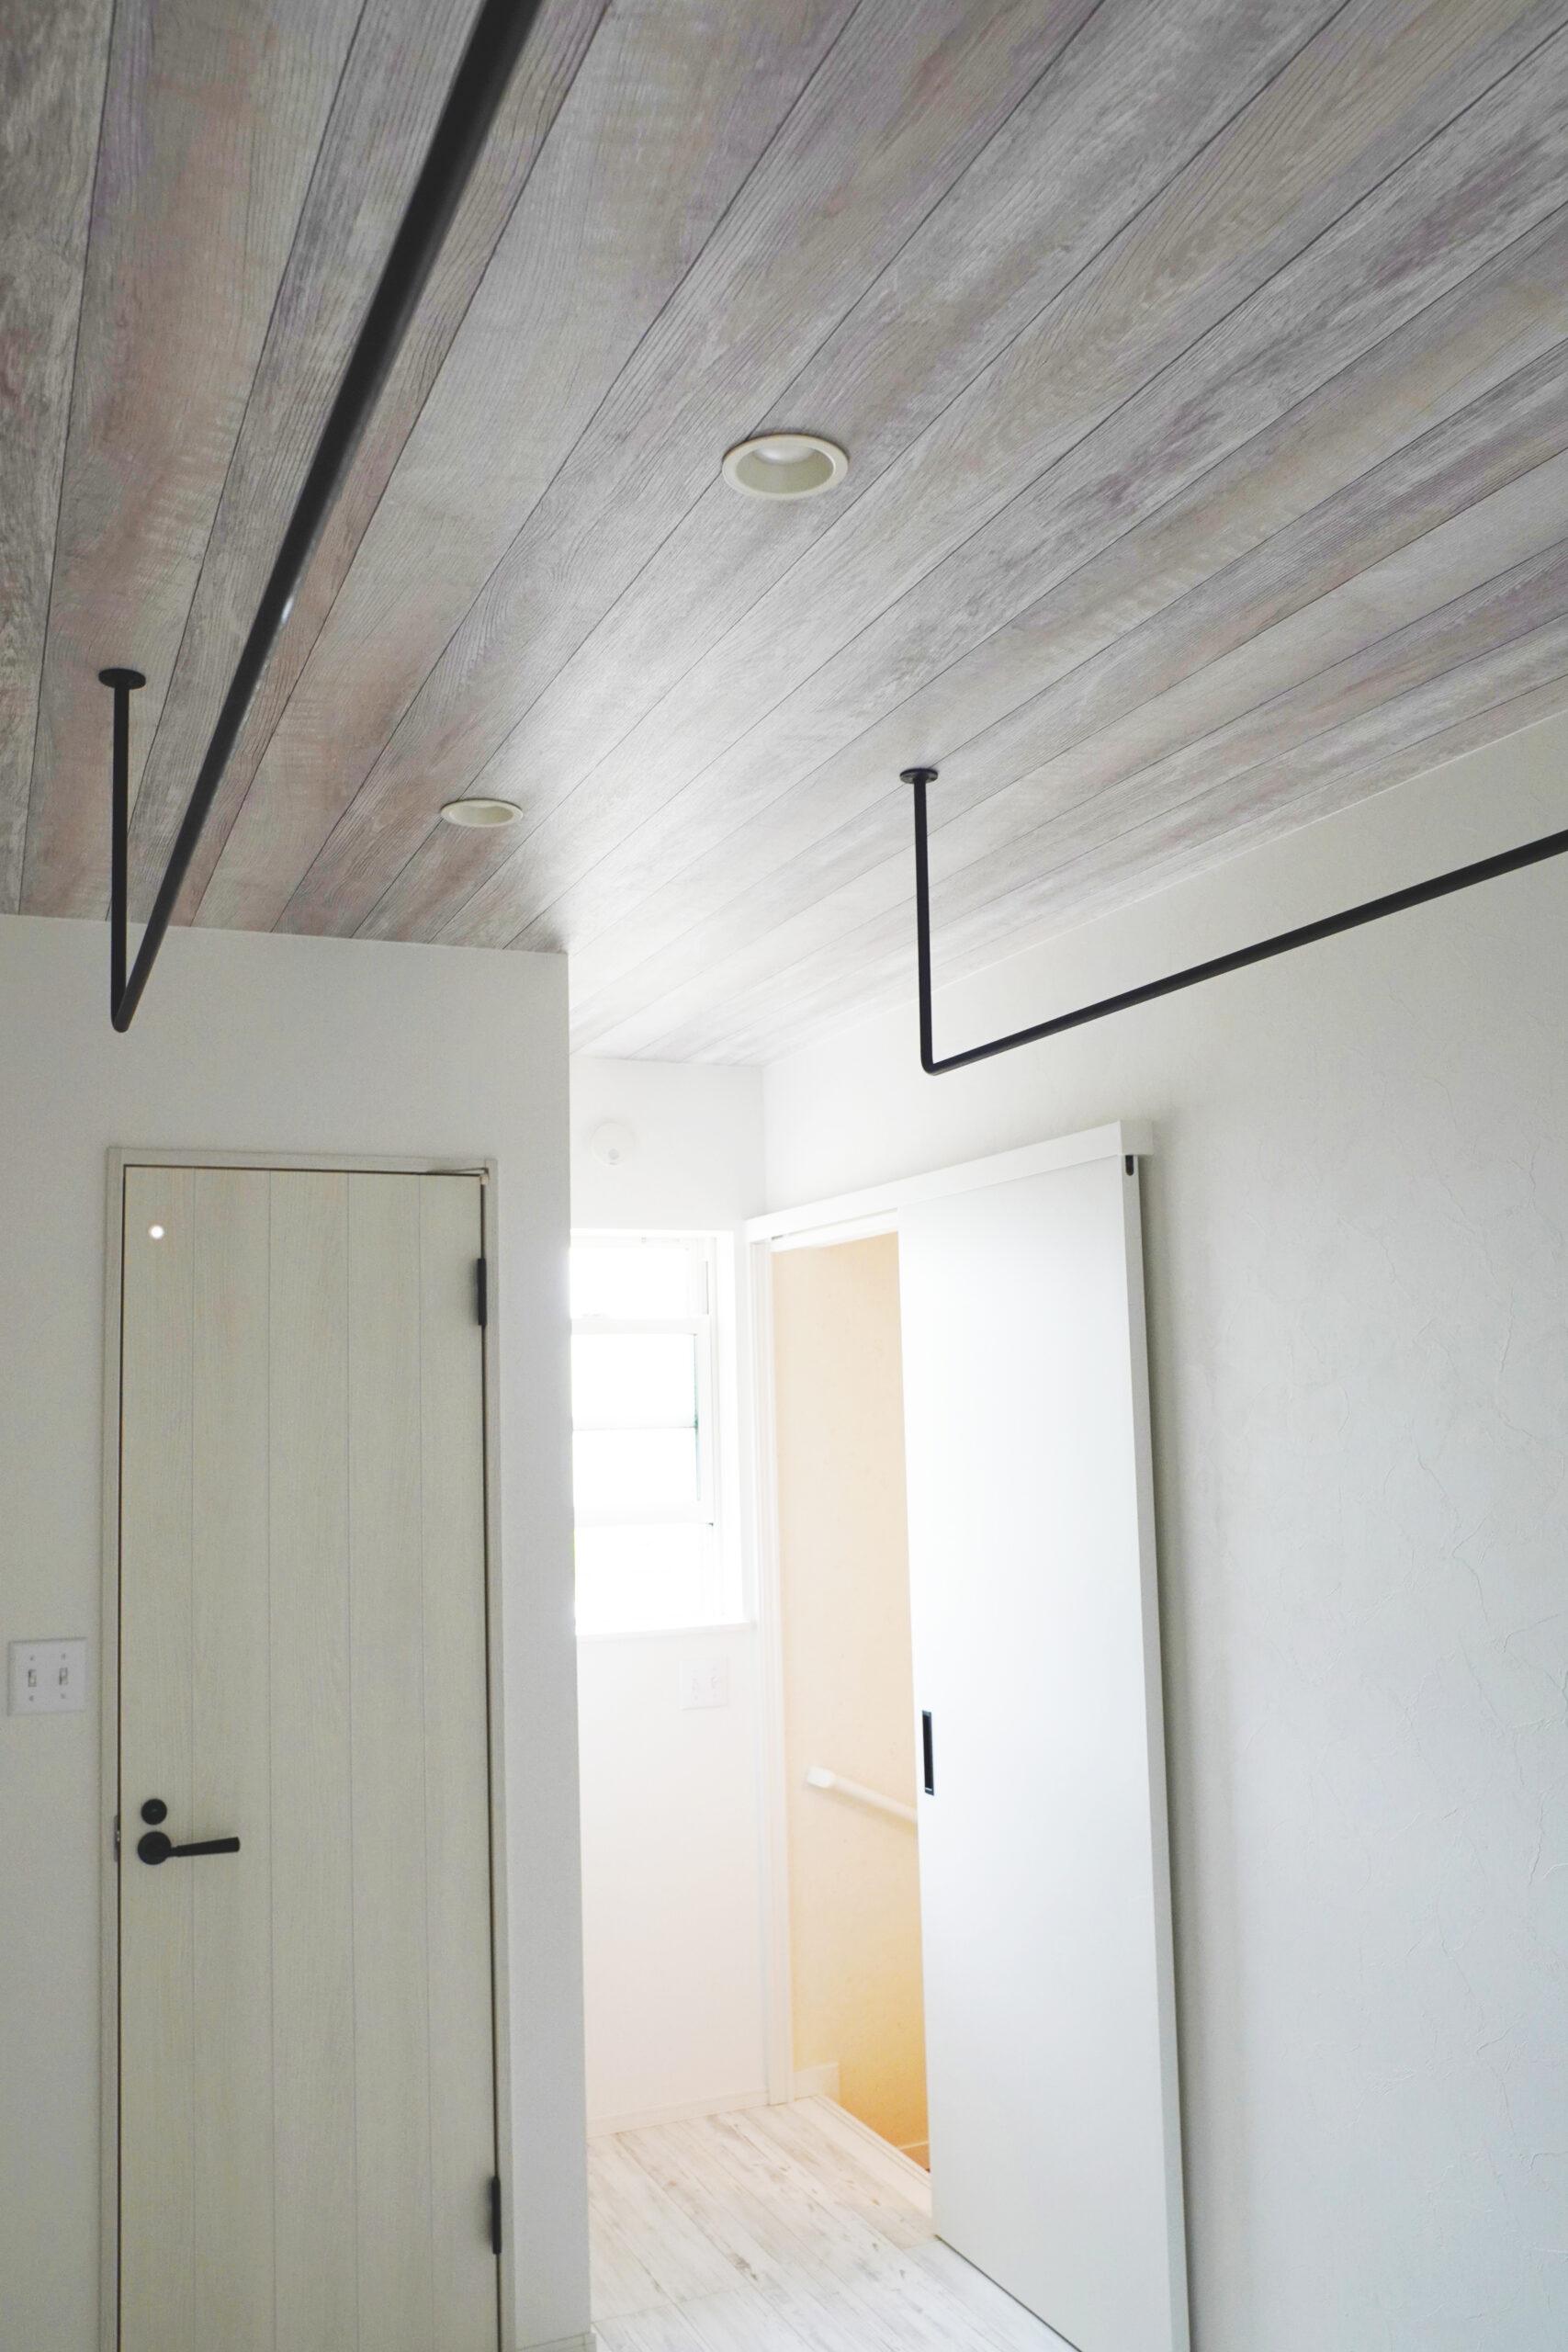 バルコニーにつながる2階ホールには、アイアンのバーを設置した。動線が確保されているので、室内干しもラクチン。